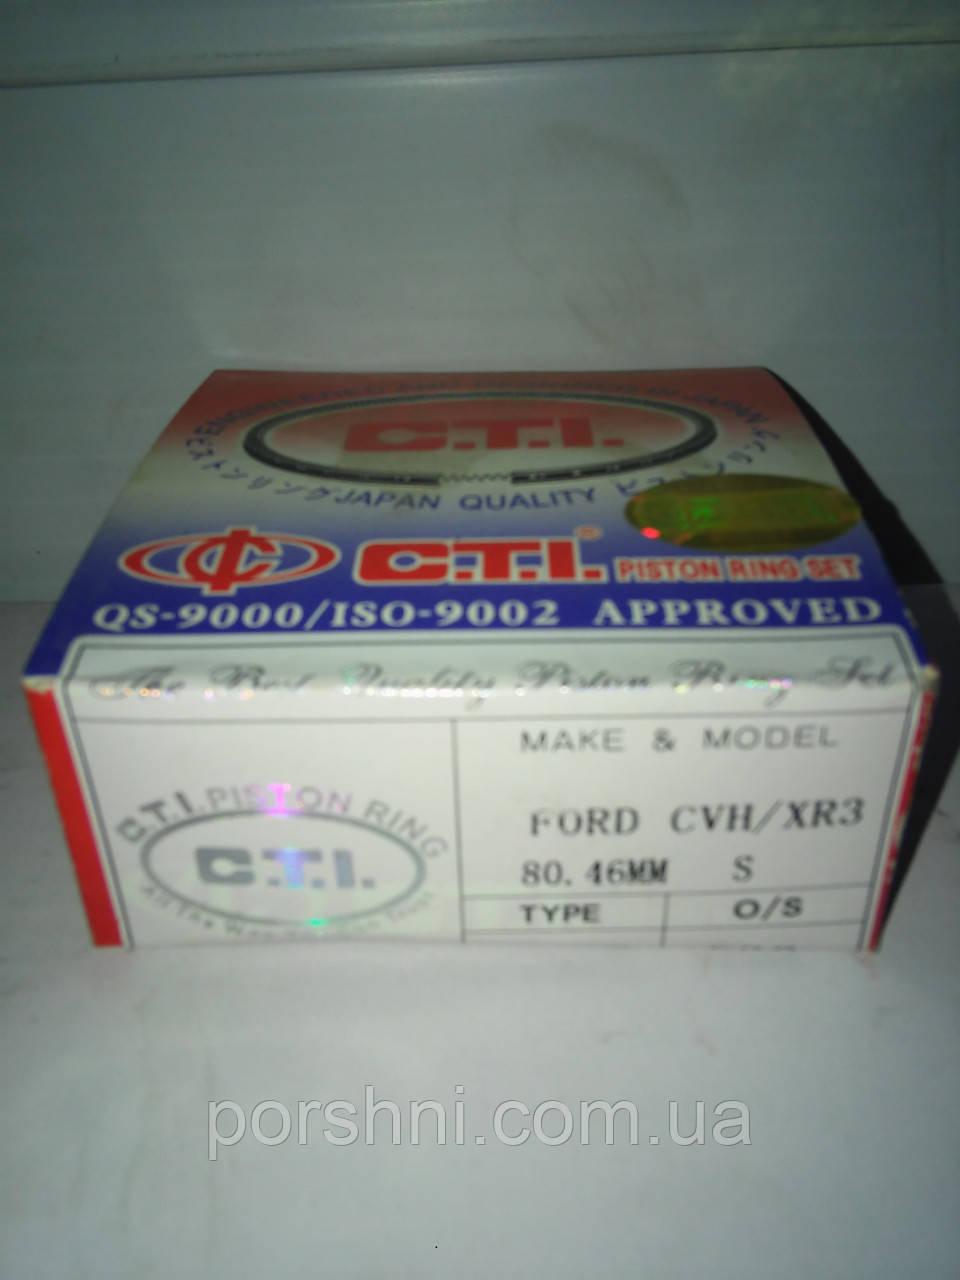 Кольца Форд Ескорт   79.96 + 0.50    ( 1,6 x 2 x 4  ) 1,3 -1,6 СVН  СTI